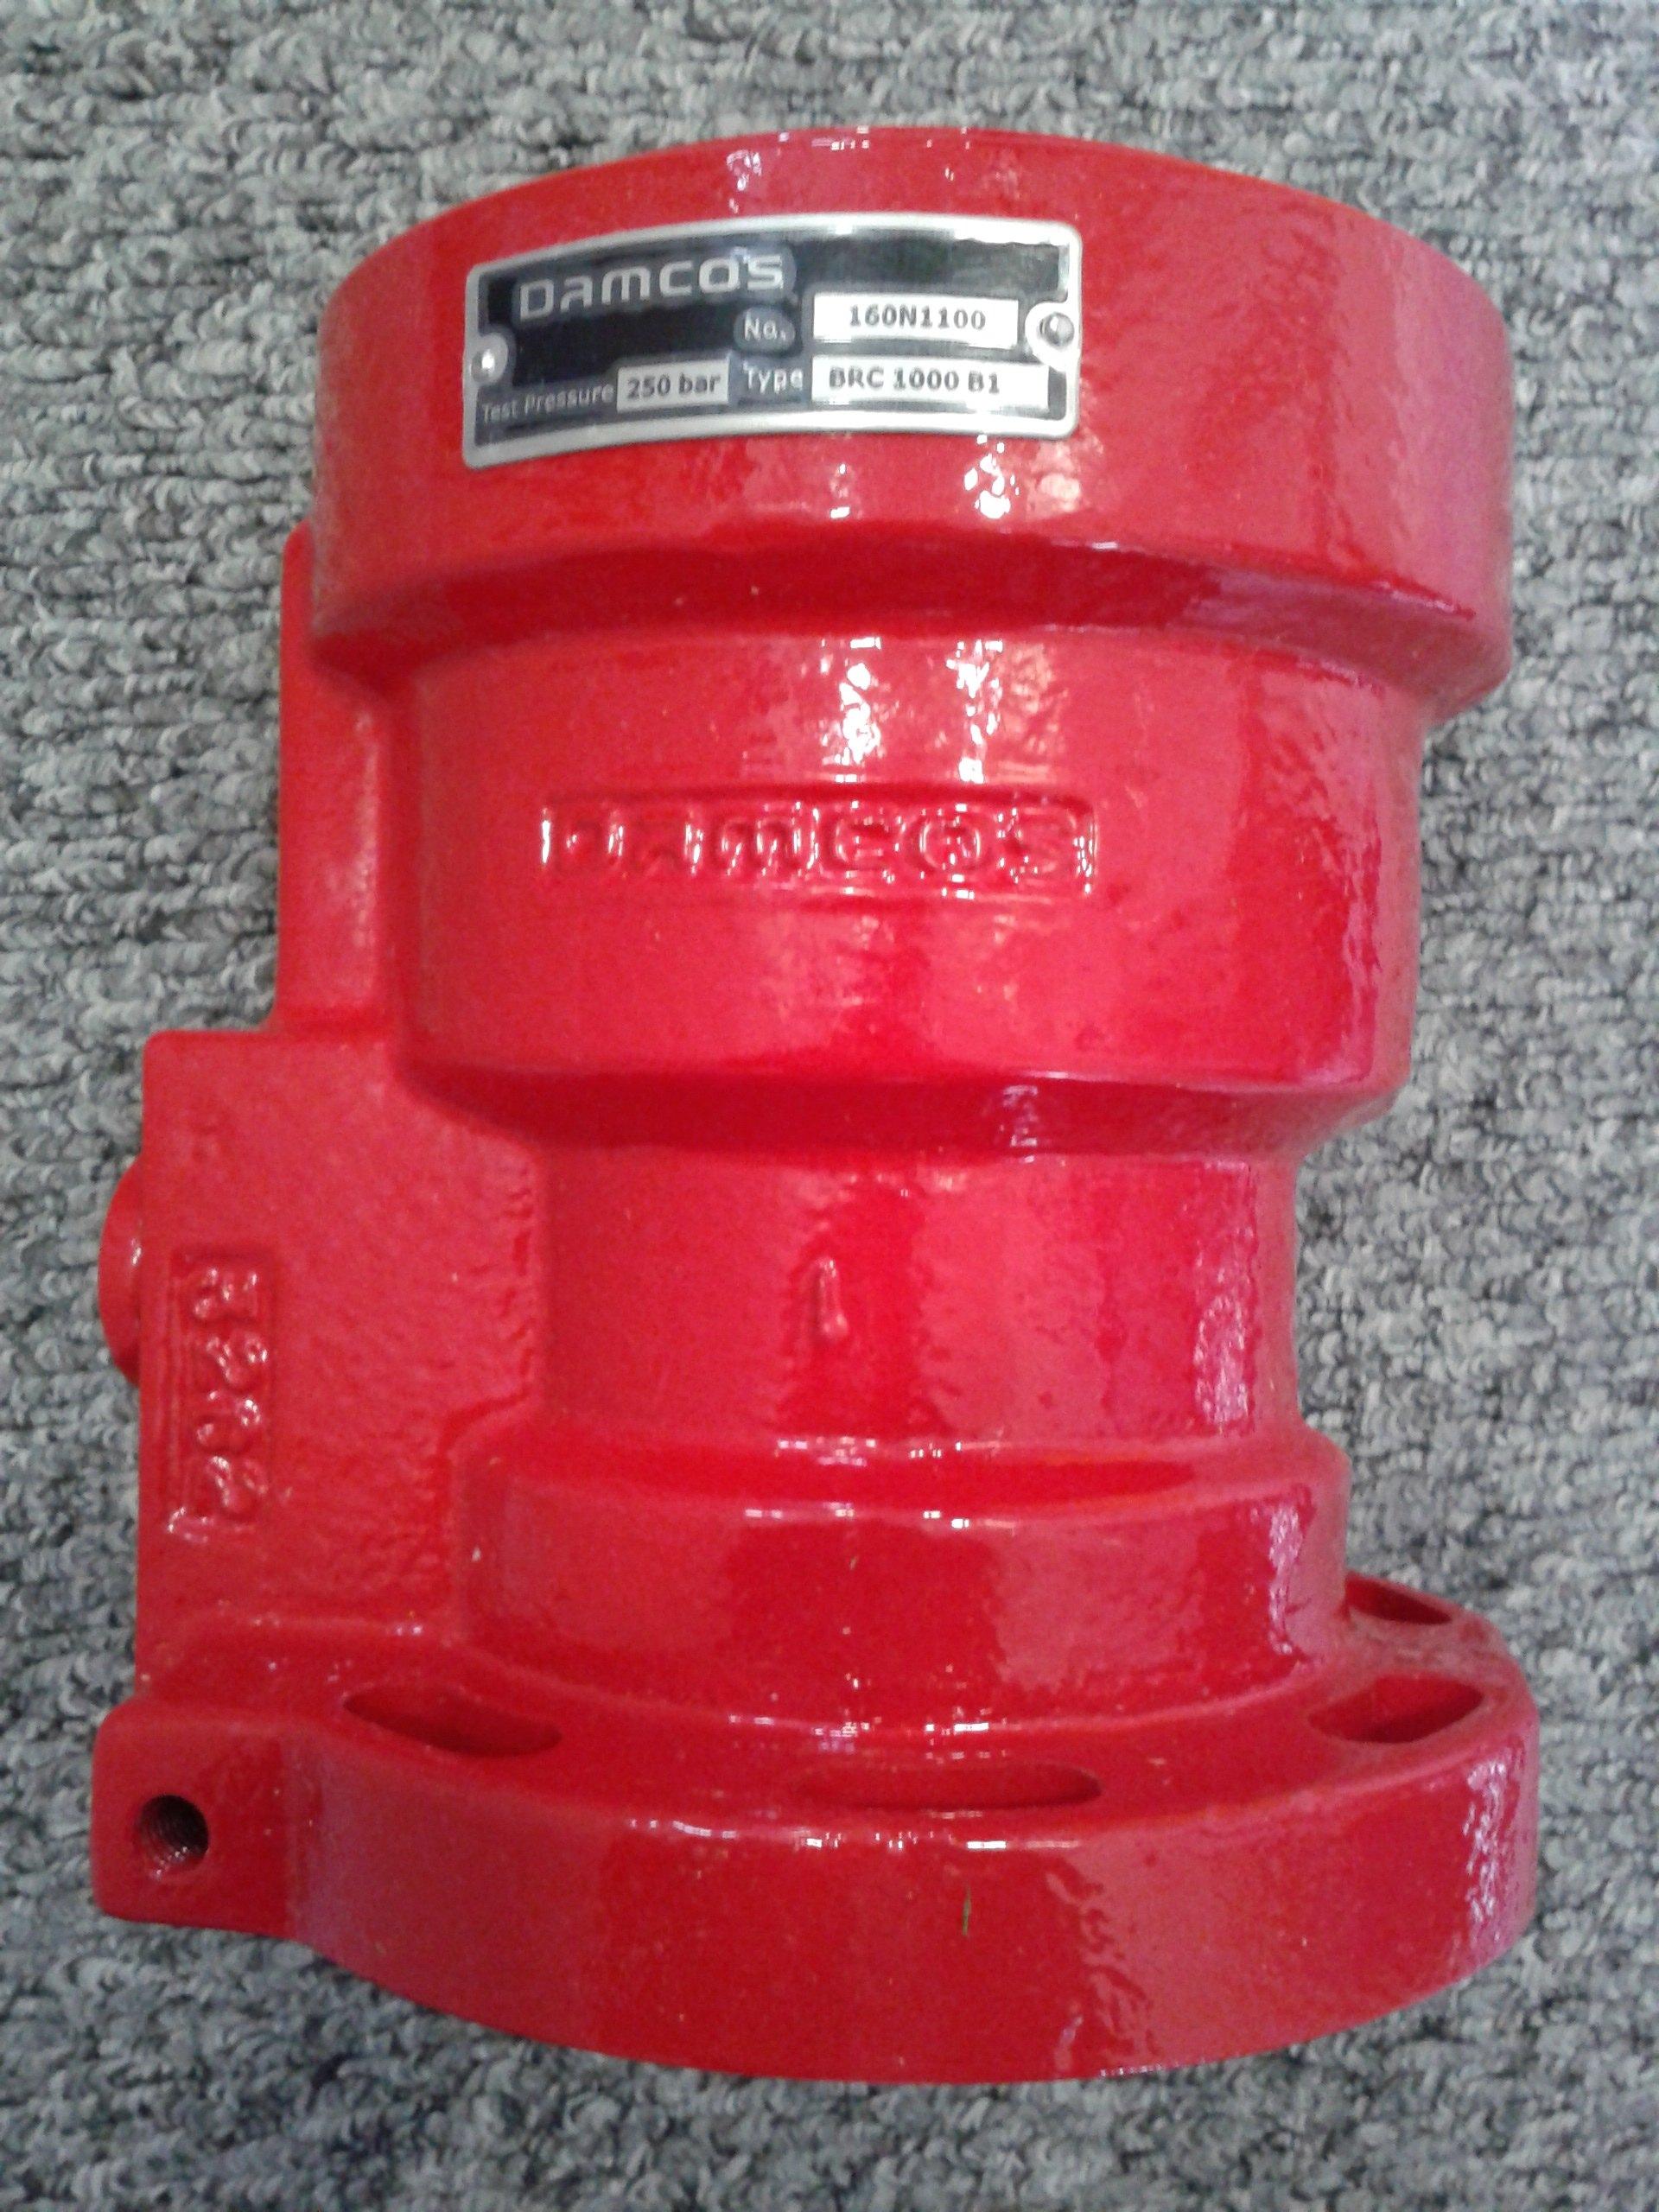 Damcos BC-1000-B1 160N1100